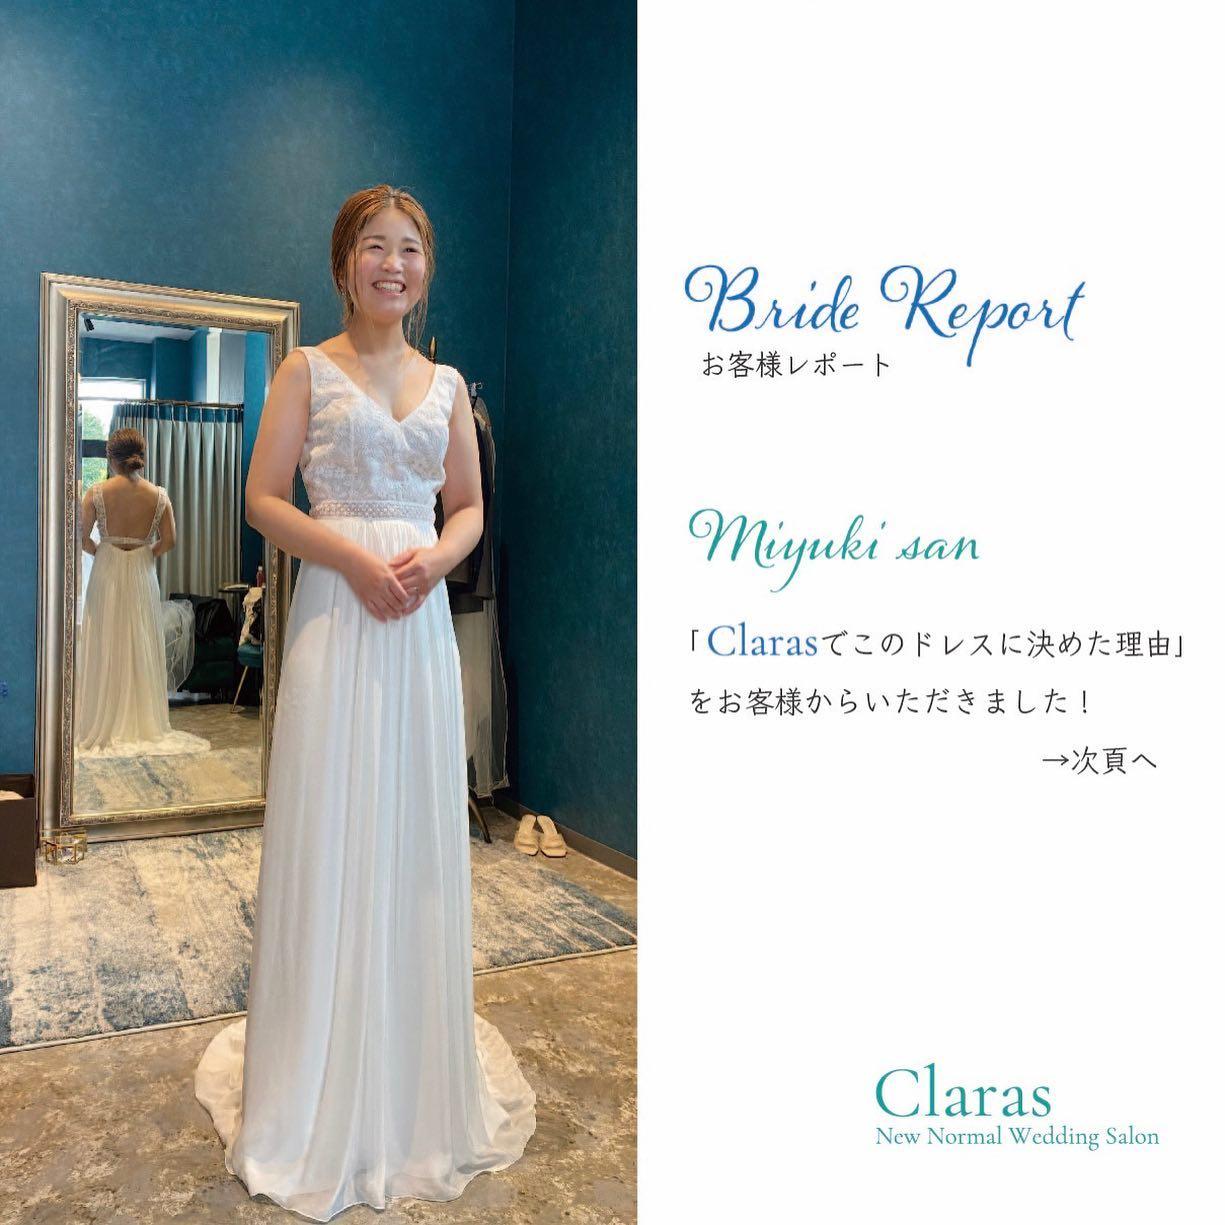 """🕊お客様レポートからClaras が伝えたいこと🕊・本当のドレス選びの楽しさを感じて欲しい・インポートドレスを適正価格でお届けするのがClaras・レンタルでは叶わない繊細で上質な素材も、ジャストサイズだから再現できるデザイン美も・Parisに関連会社があるからこそ直輸入での適正価格が叶う・Clarasは1組ずつ貸切でご案内寛ぎながら本当にその方に合った1着へと導きます自分だけのための1着を選びに来てください🤍結婚式やフォトなど迷ってる方でもまずはClarasへ🕊・長年様々なウエディングに携わってきたClarasスタッフより、細かなカウンセリングを行い的確ななご提案をさせていただきますご予約はDMからでも承れます・New Normal Wedding Salon""""Claras""""https://claras.jp/・about """"Claras""""…(ラテン語で、明るい·輝く)As(明日· 未来, フランス語て最高、一番) ・明るく輝く明日(未来) に貢献したいという想いを込めています🕊Fashionの都Parisをはじめ、欧米から選りすぐりのドレスをこれから出逢う花嫁のために取揃えました・2021.3.7 (Sun)NEW OPEN・Dressから始まるWedding Story""""憧れていた Dress選びから始まる結婚準備があったっていい""""・さまざまな新しい「価値」を創造し発信していきますこれからの新しい Wedding の常識を""""Claras """"から🕊・New Normal Wedding Salon【Claras】〒107-0061 東京都港区北青山2-9-14SISTER Bldg 1F(101) 東京メトロ銀座線 外苑前駅3番出ロより徒歩2分Tel:03 6910 5163HP: https://claras.jp営業時間:平日 12:00-18:00 土日祝11:00-18:00(定休日:月・火)・#wedding #weddingdress #instagood #instalike #claras #卒花 #卒花嫁 #ウェディングドレス #プレ花嫁 #ドレス試着 #ドレス迷子#2021冬婚 #ヘアメイク #結婚式  #ドレス選び #インポートドレス #フォトウェディング #ウェディングヘア  #フォト婚  #ニューノーマル #ブライダルフォト #カップルフォト #ウェディングドレス探し #ウェディングドレス試着 #セルドレス #ドレスショップ #バウリニューアル #運命のドレス #婚約しました #プロポーズ"""